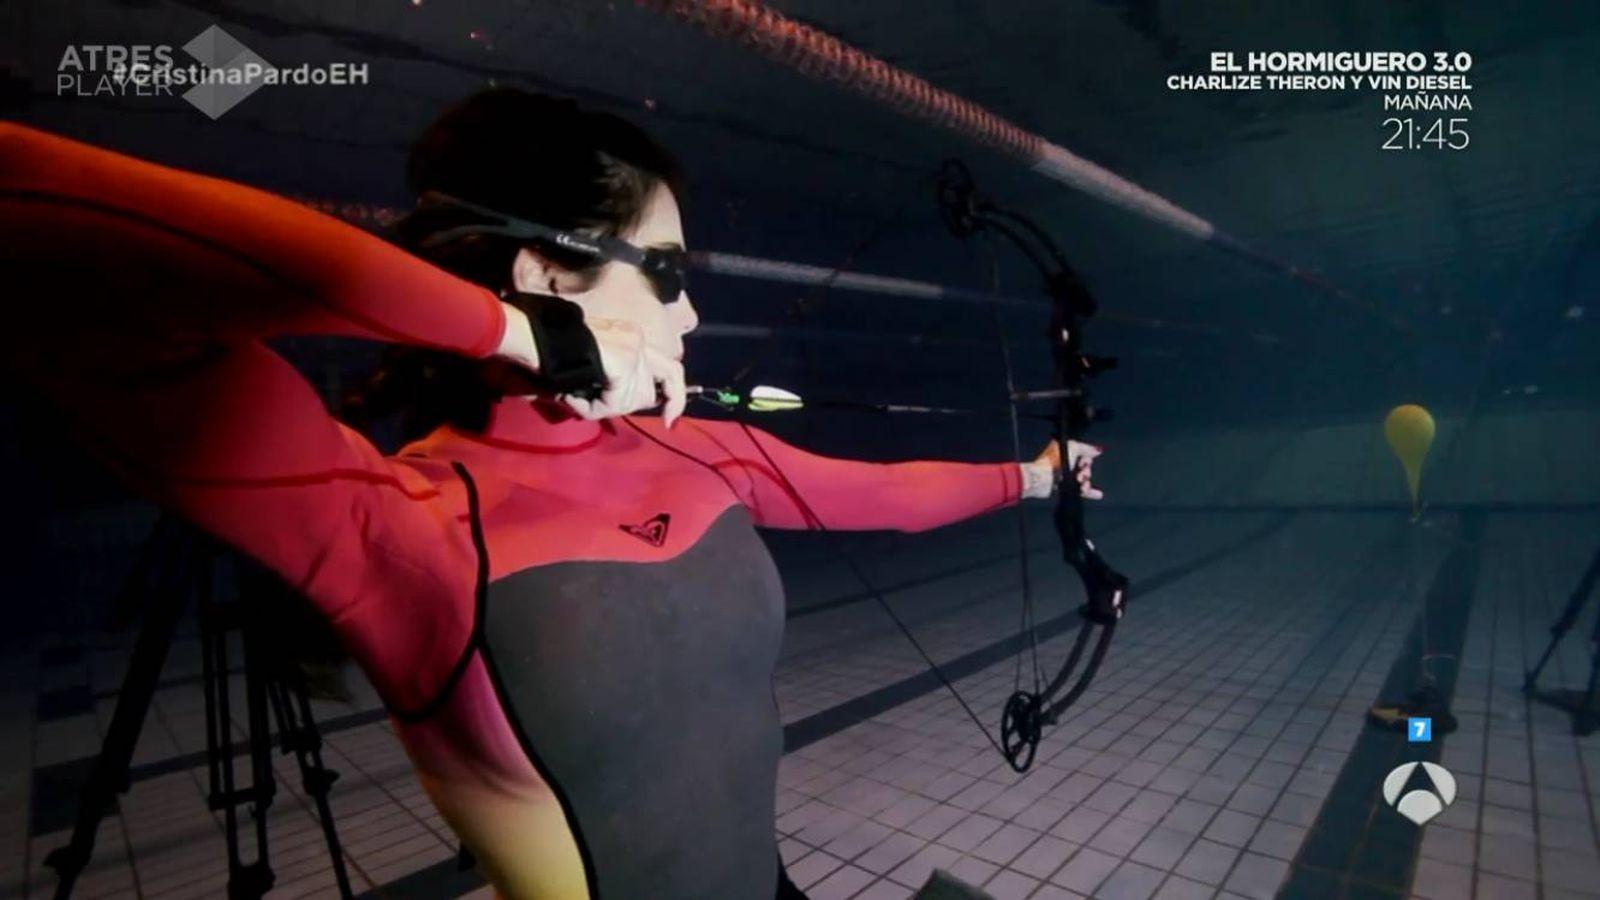 Foto: Pilar Rubio supera el reto de apnea y tiro con arco en 'El hormiguero'.